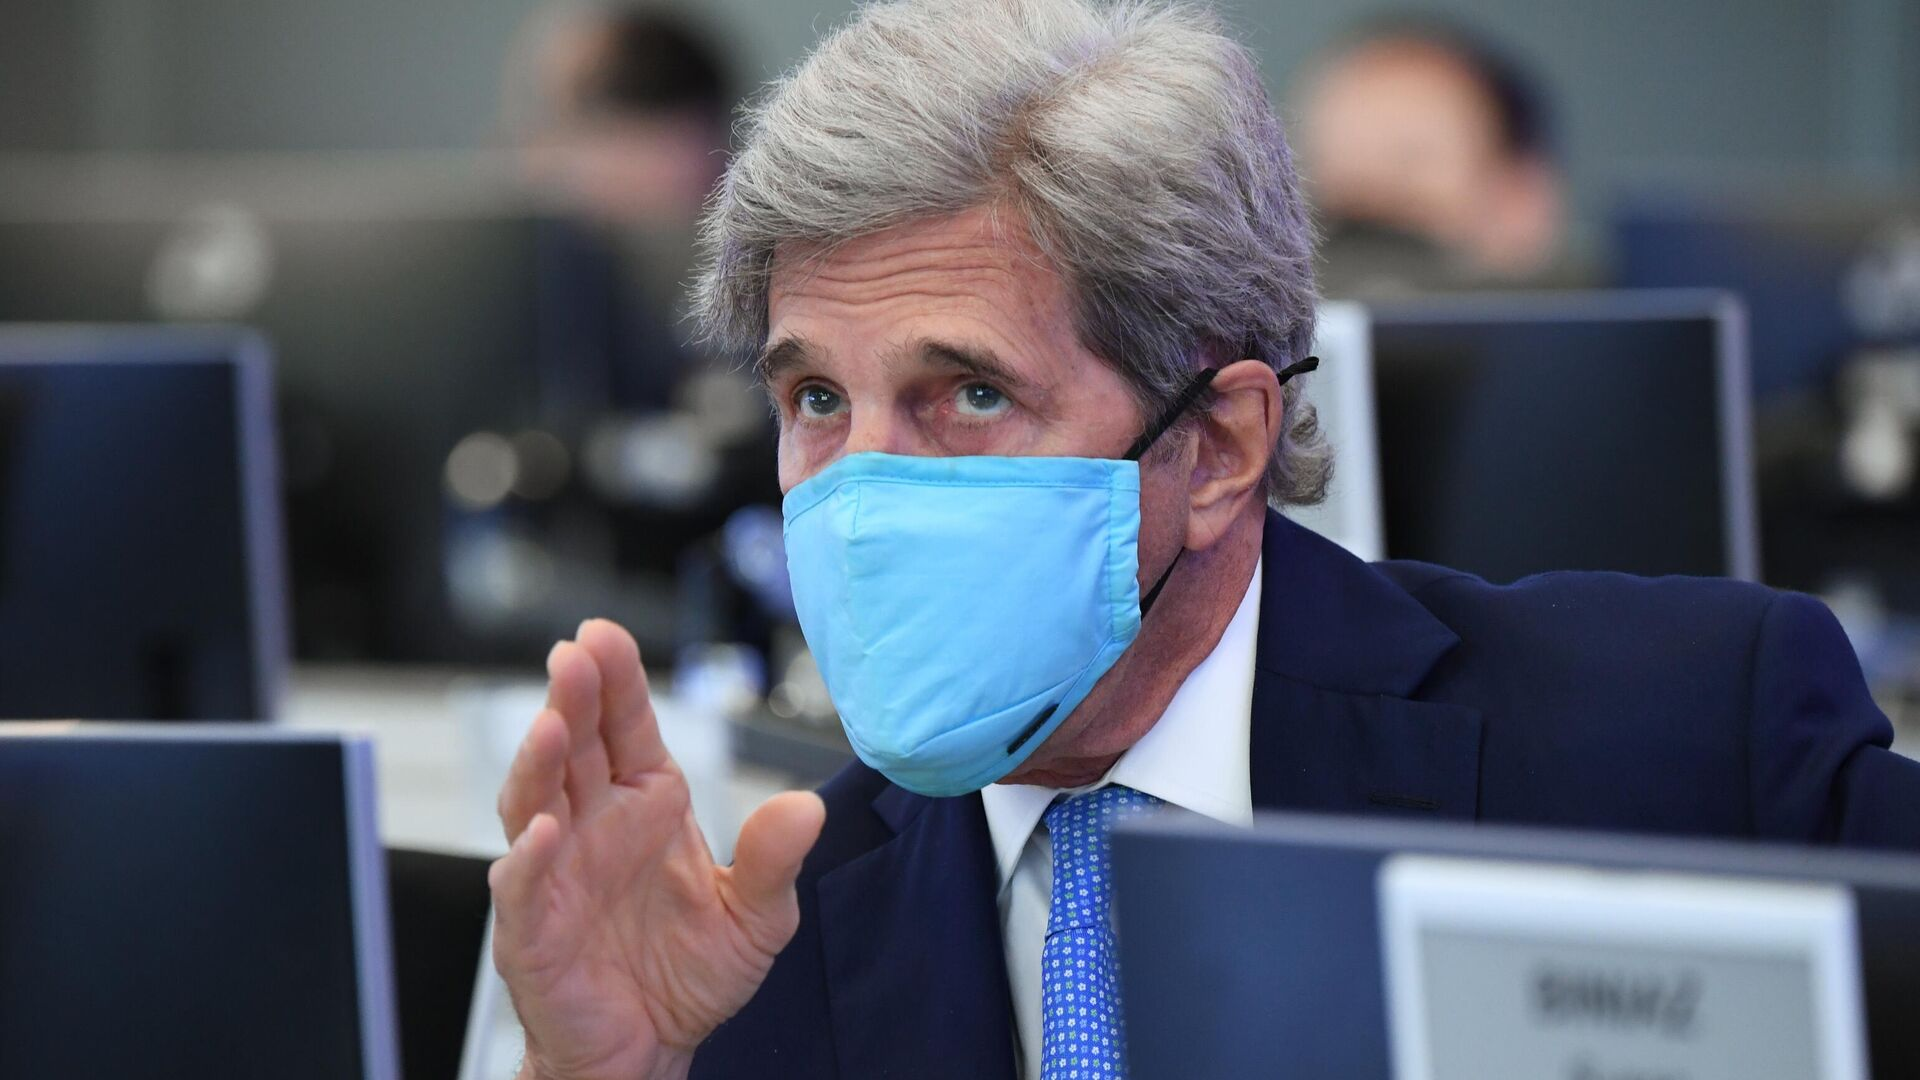 Специальный представитель президента США по вопросам климата Джон Керри в координационном центре при правительстве РФ - РИА Новости, 1920, 16.07.2021